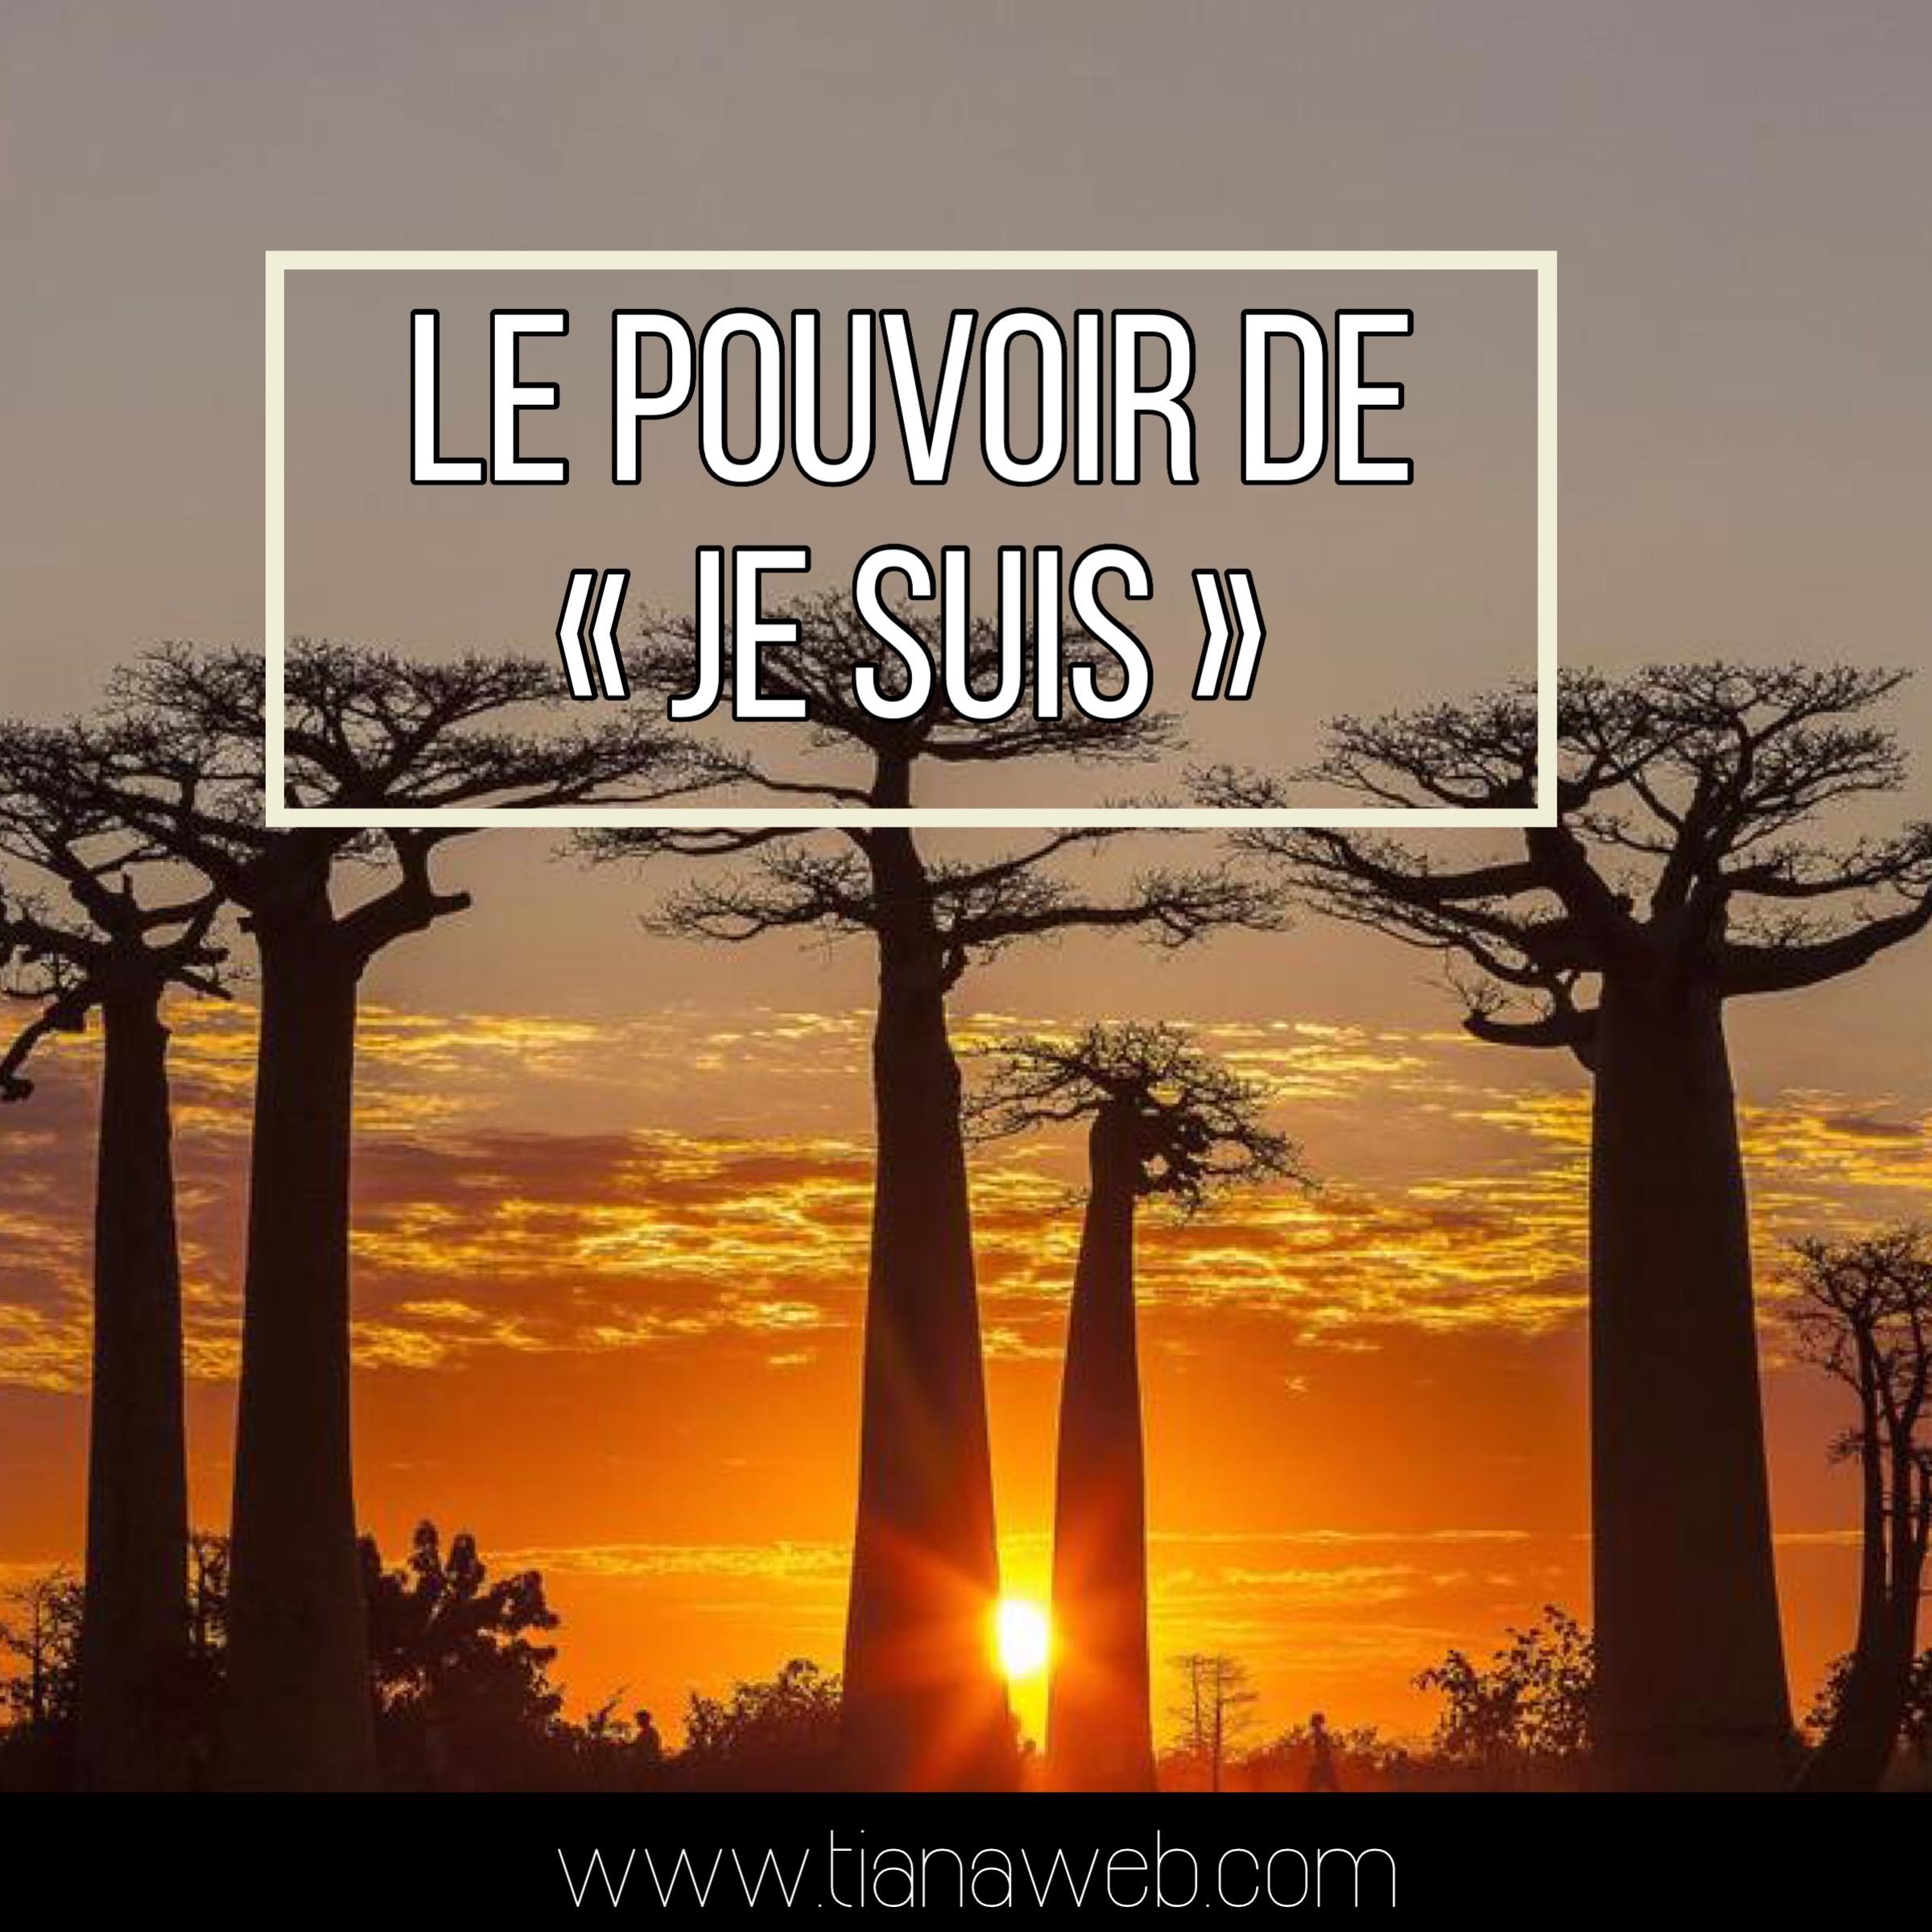 le_pouvoir_de_je_suis_tianaweb